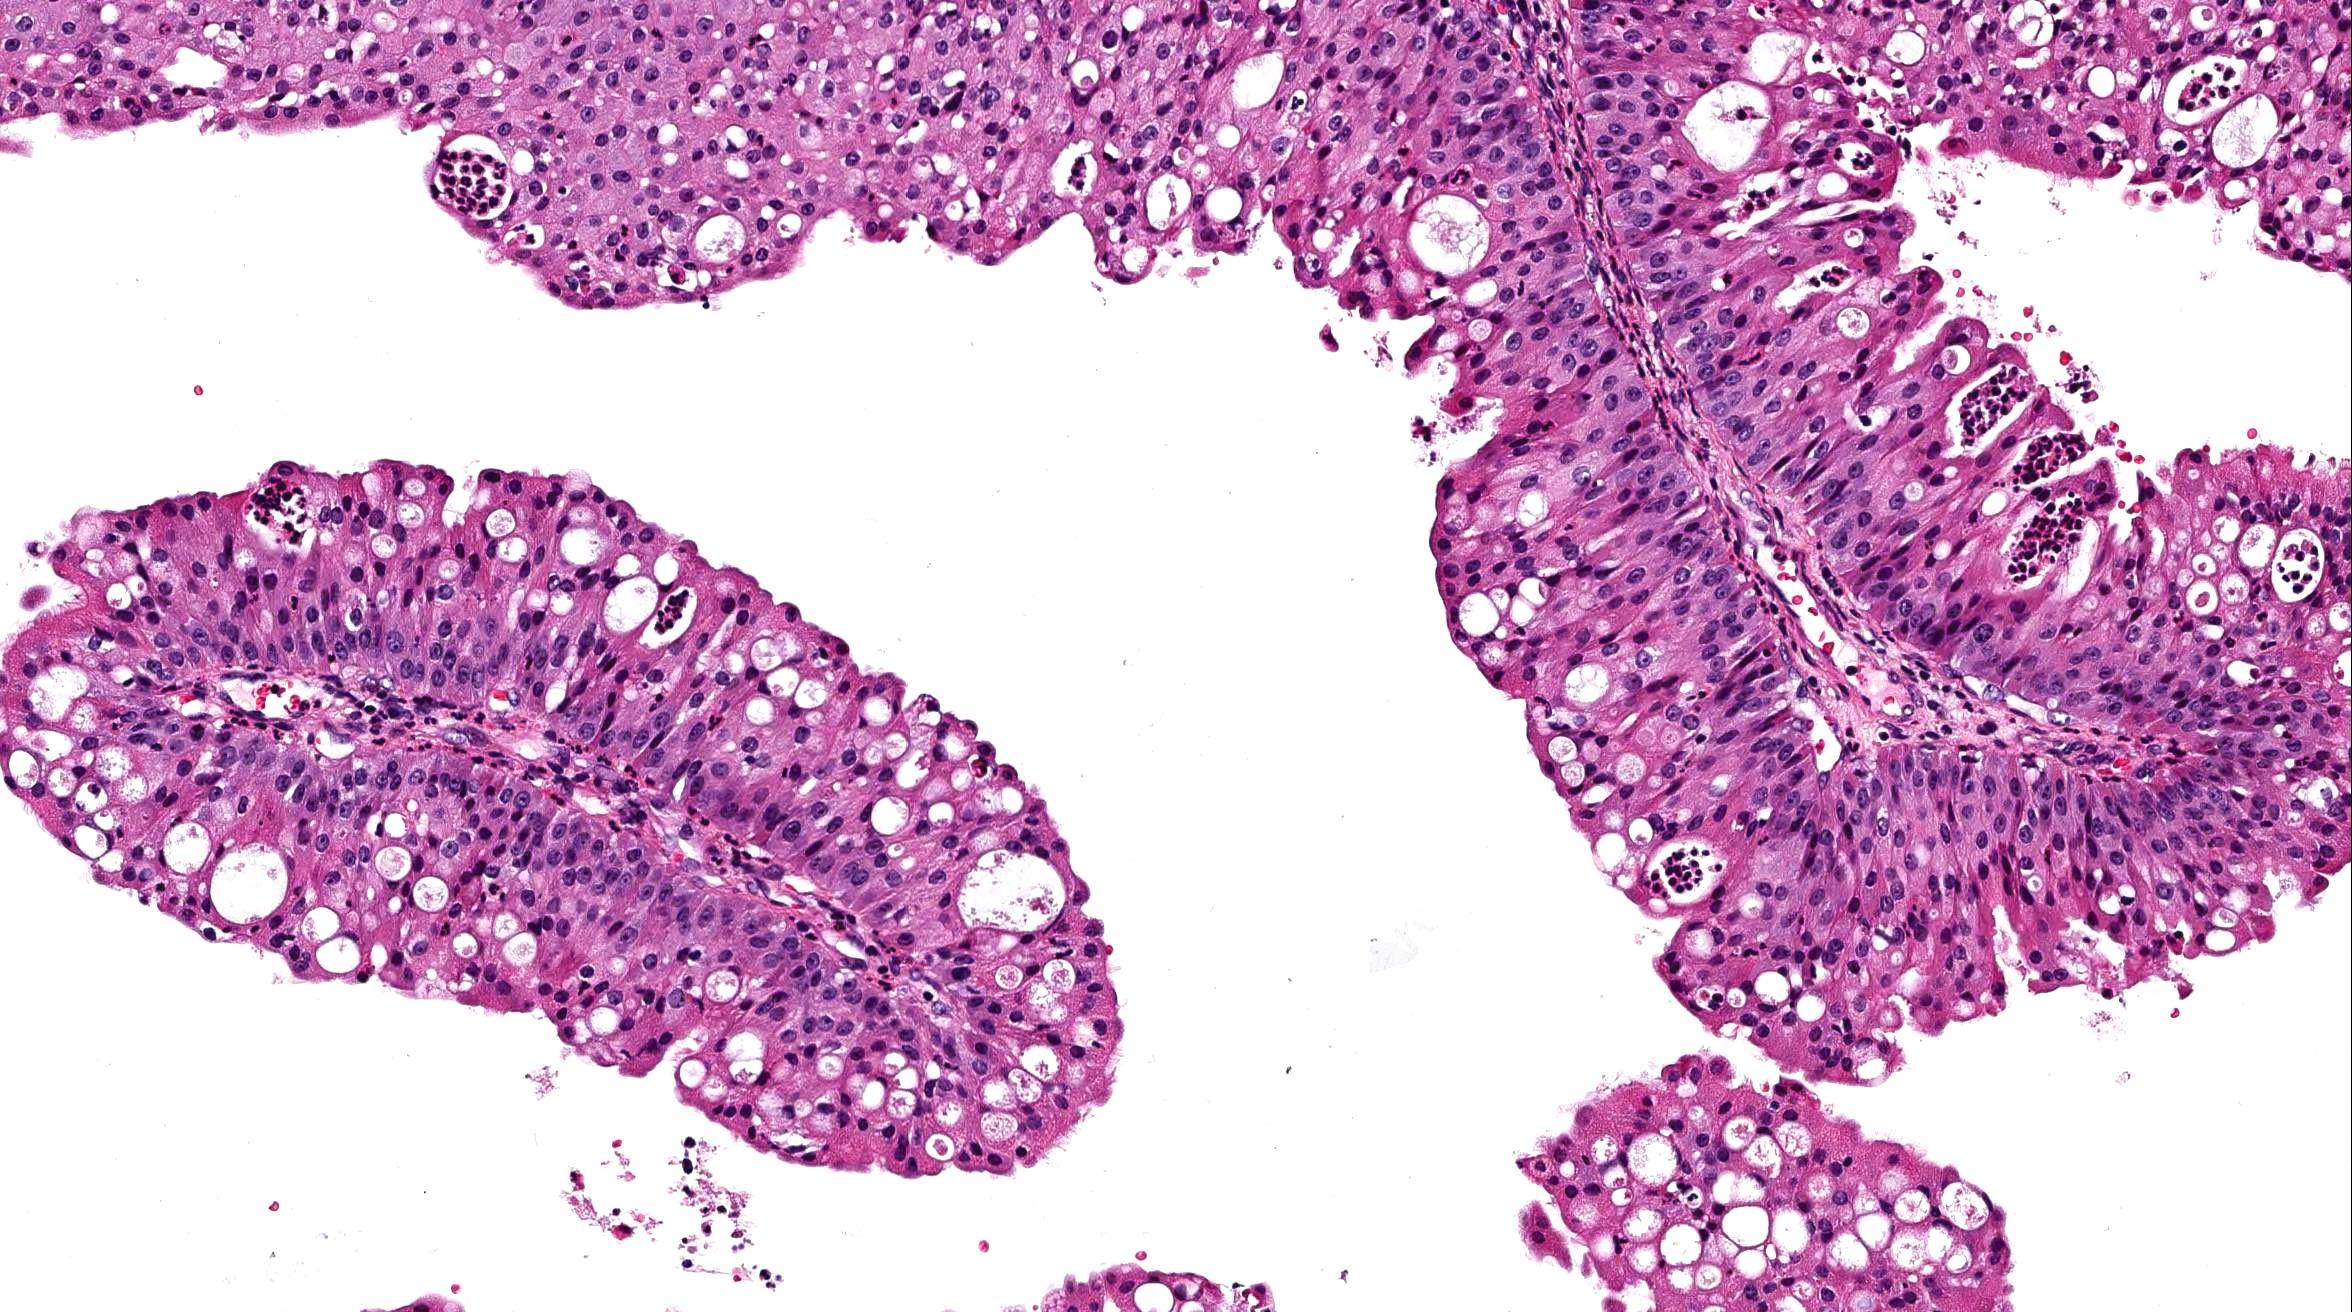 papilloma nasal cavity icd 10